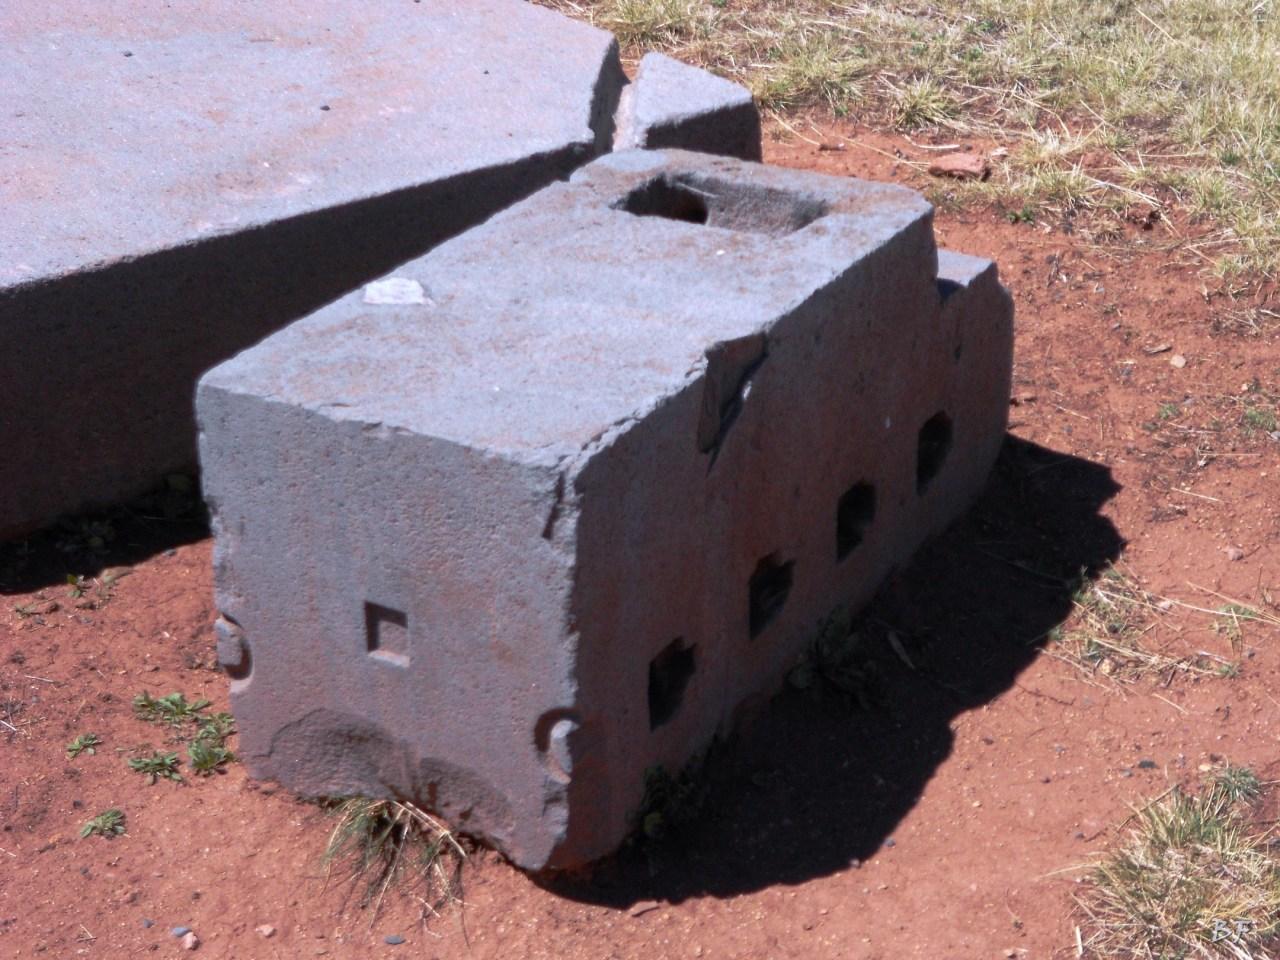 Puma-Punku-Area-Megalitica-Mura-Poligonali-Megaliti-Tiwanaku-Tiahuanaco-Bolivia-26